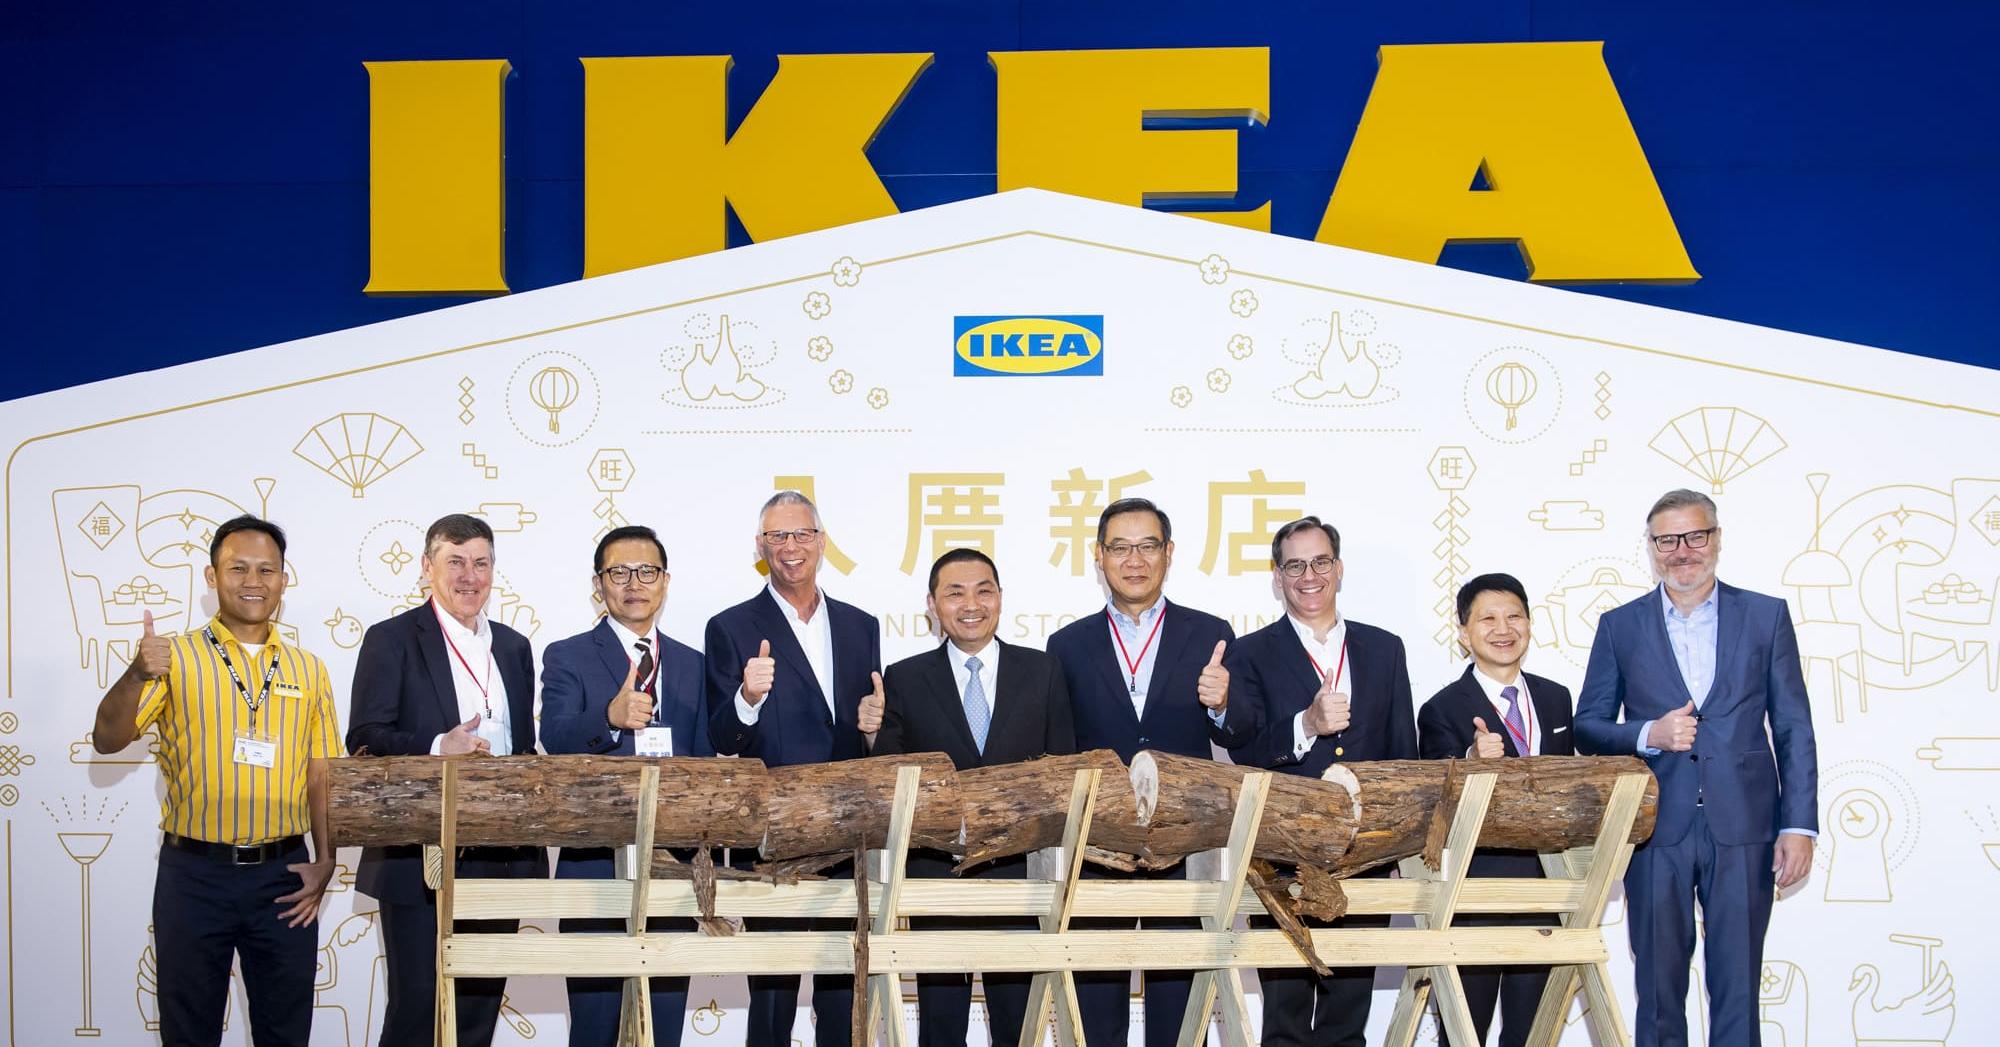 Photograph, , Public Relations, Ceremony, Energy, Team, IKEA, Public, IKEA, IKEA, ikea, Team, Community, Event, Company, Crew